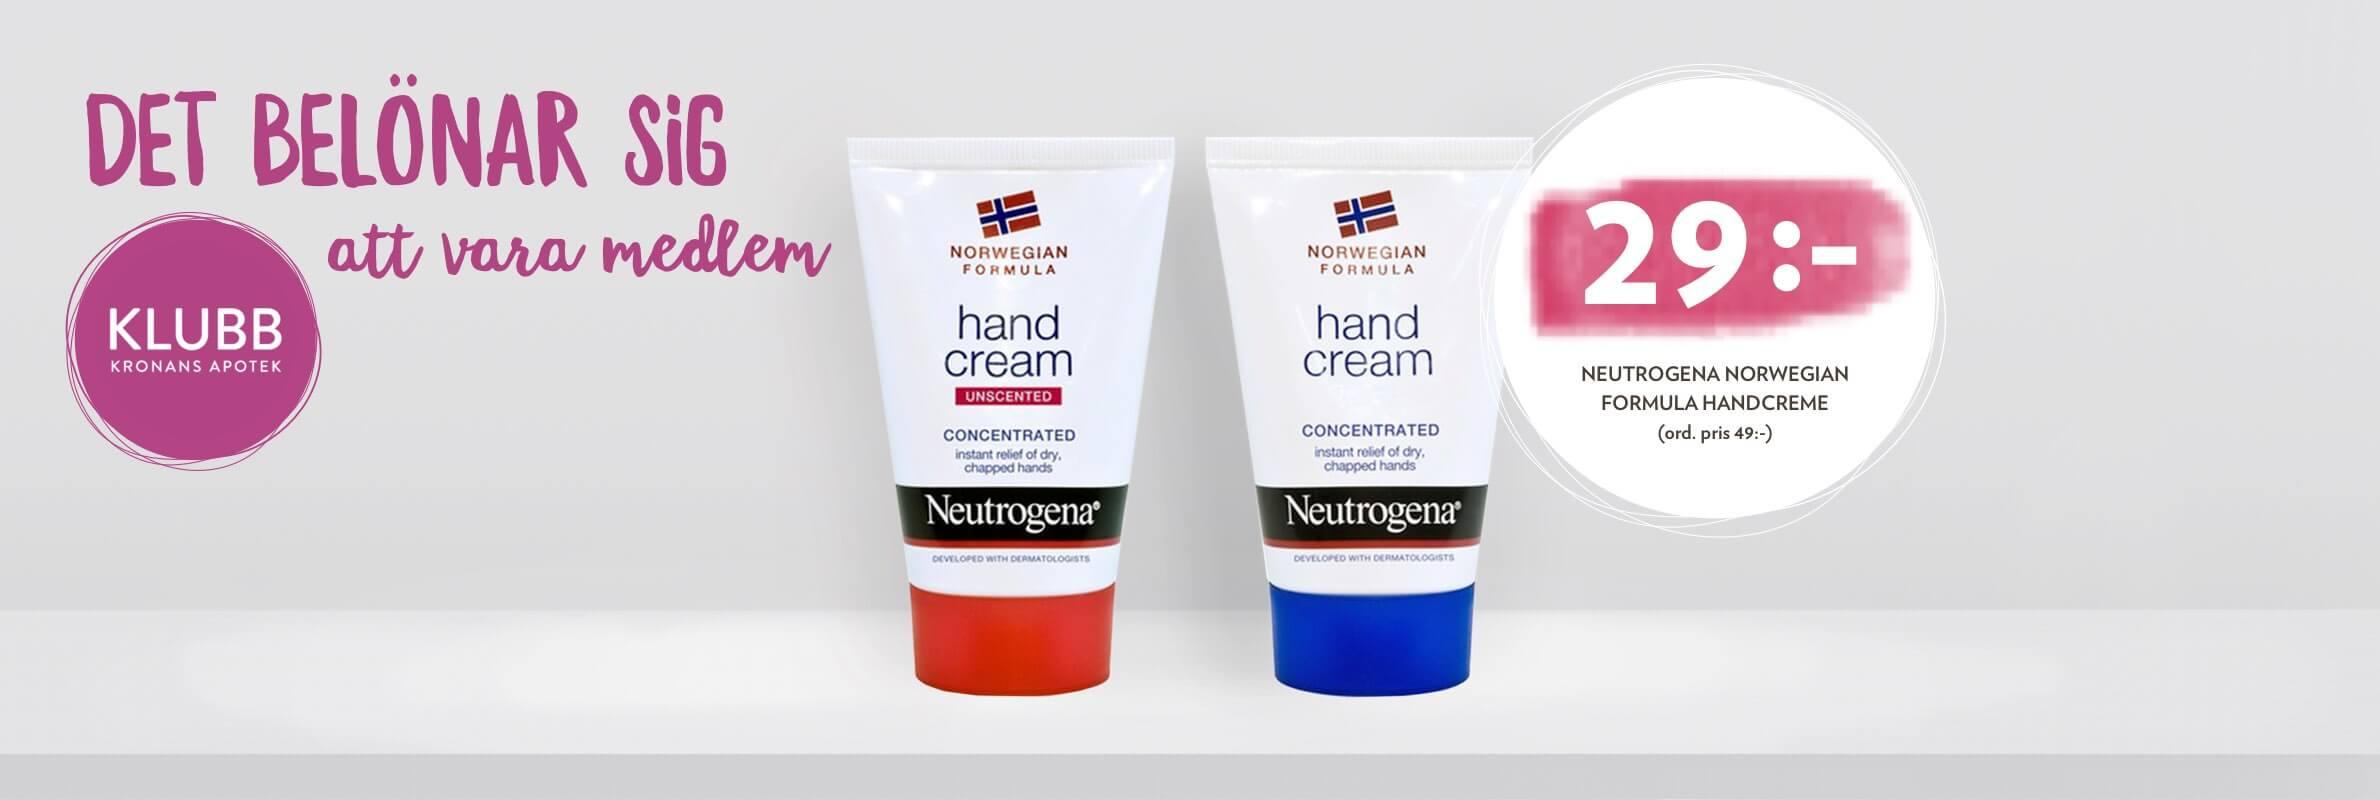 neutrogena norwegian formula apoteket